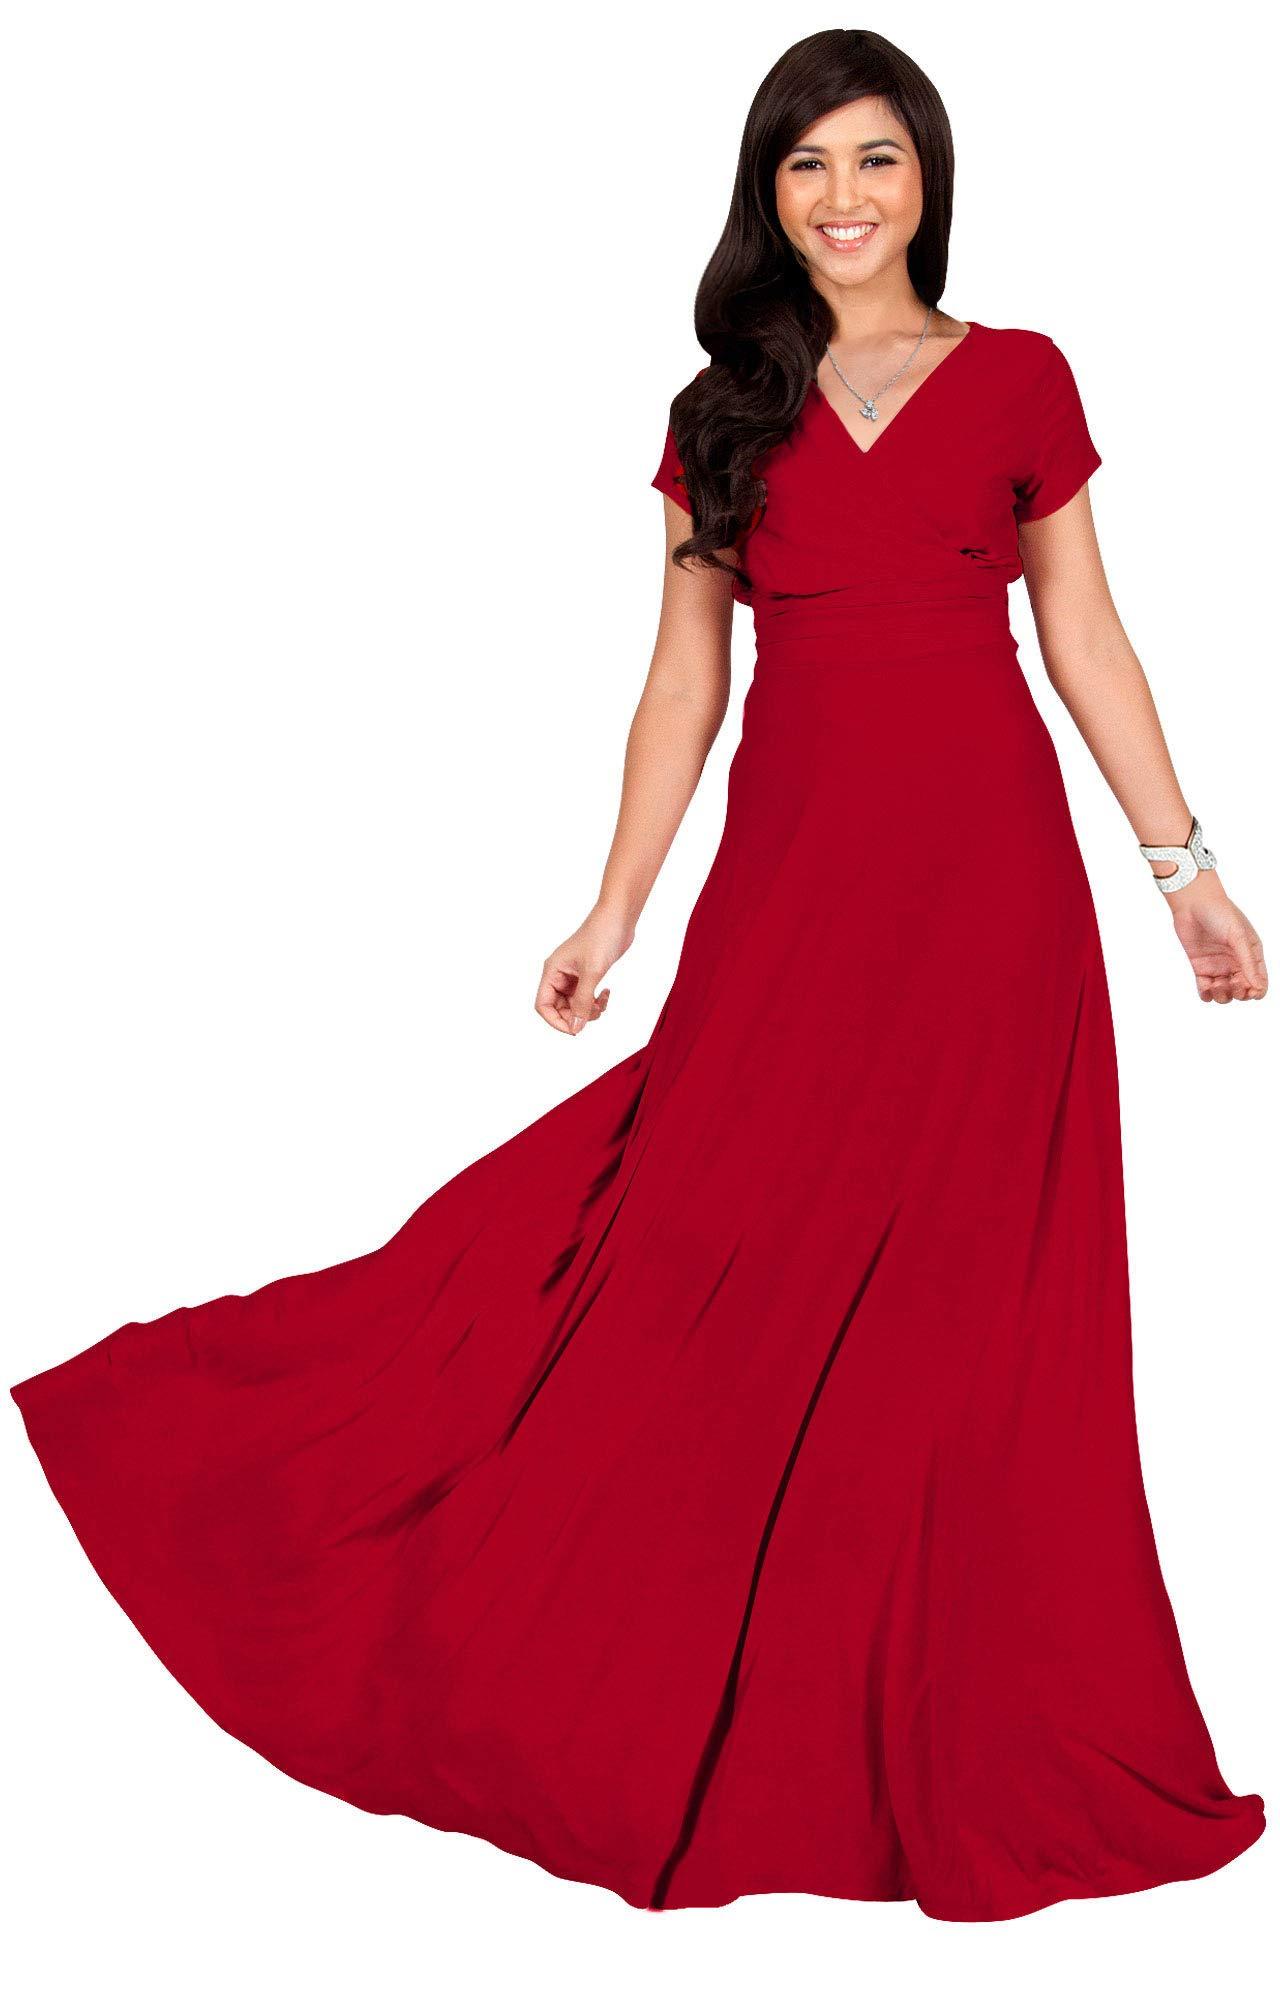 Red Dress - Women's Flapper Dresses 1920s V Neck Beaded Fringed Great Gatsby Dress